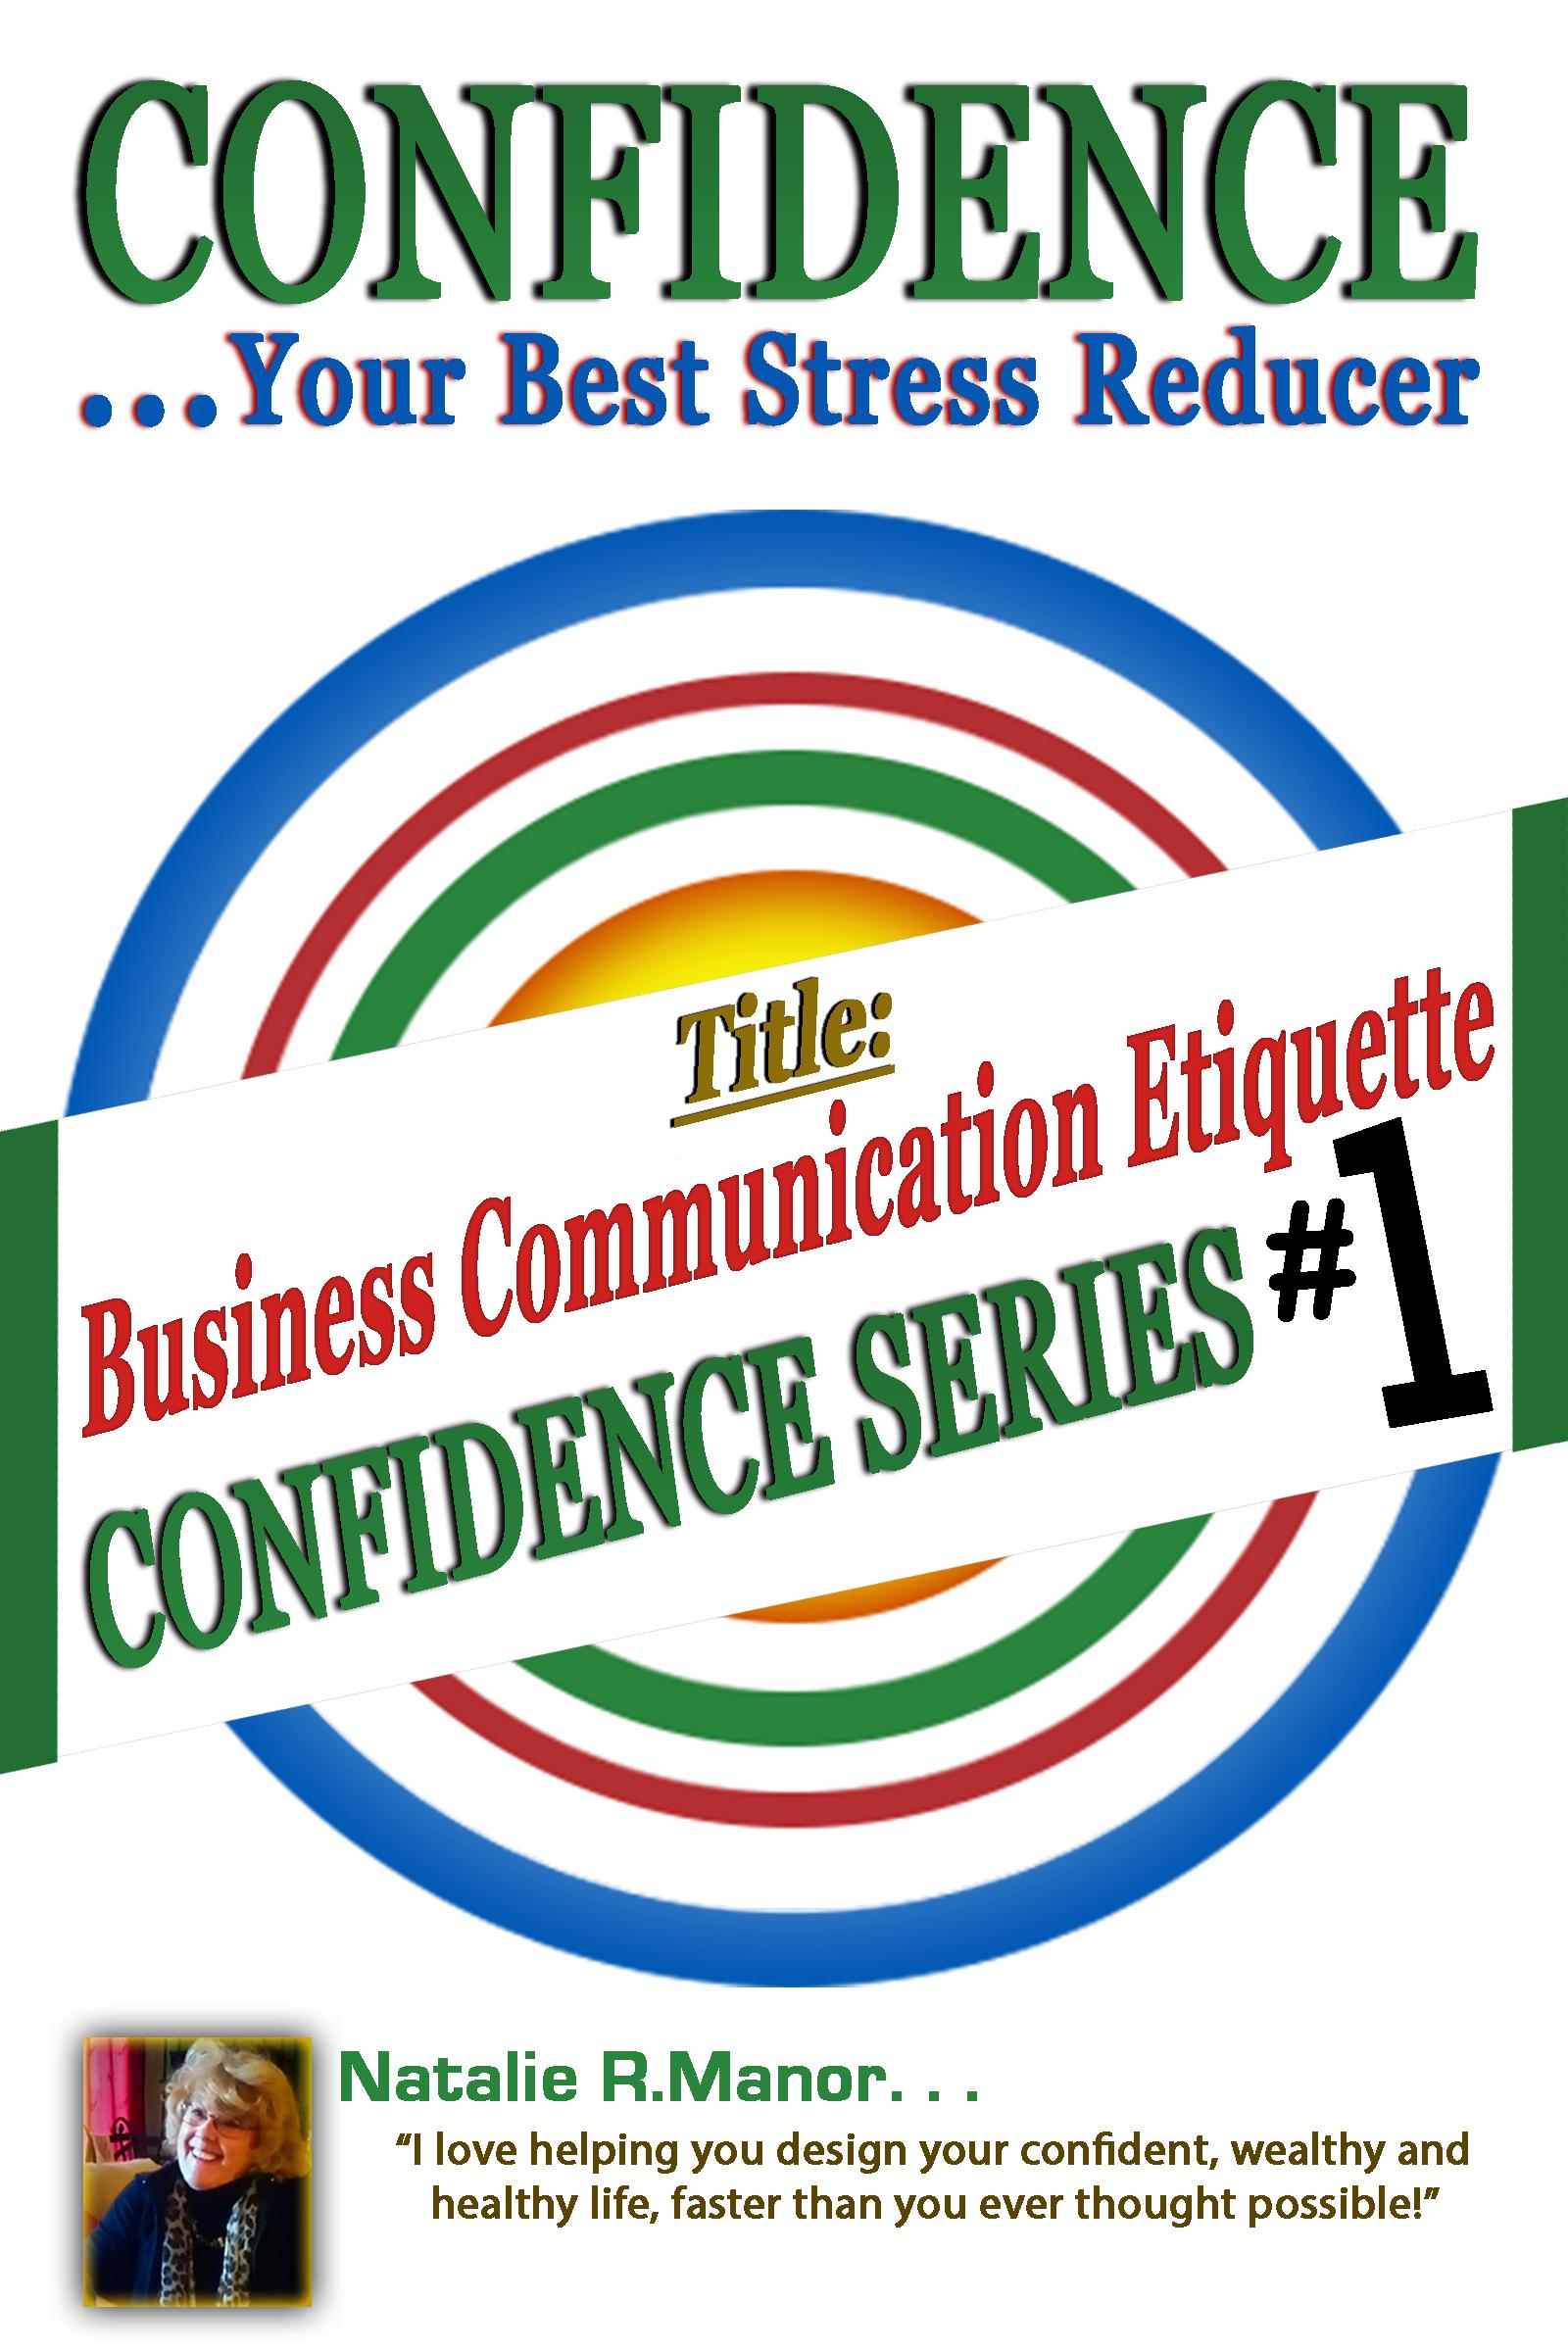 Confident Business Communication Etiquette #1